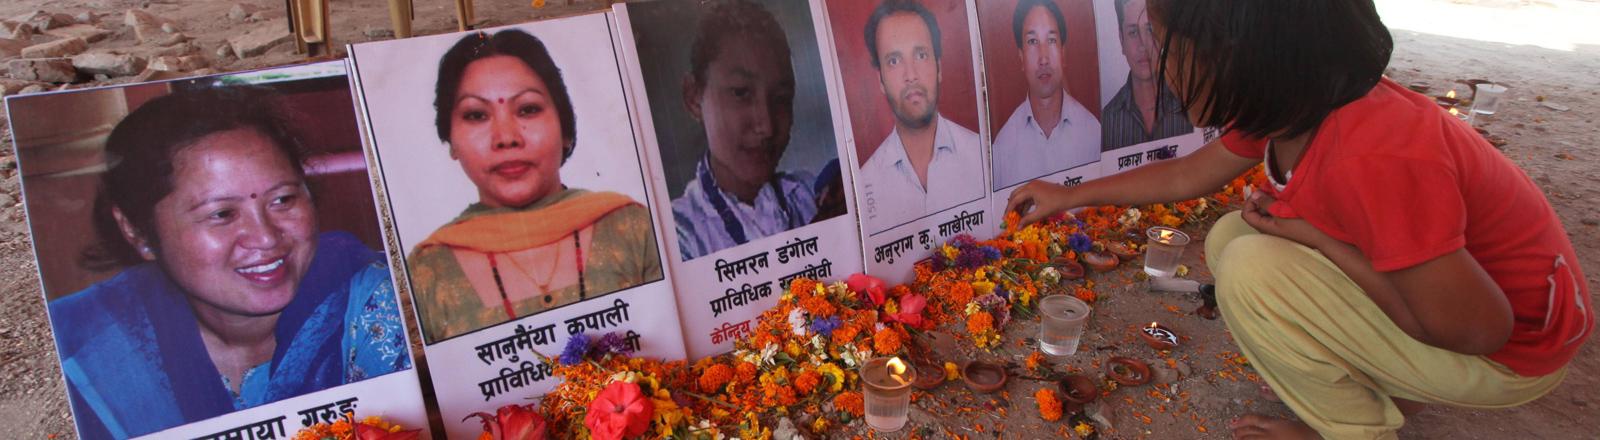 Gedenkveranstaltung für die Erdbebenopfer in Kathmandu am 24. April 2016.